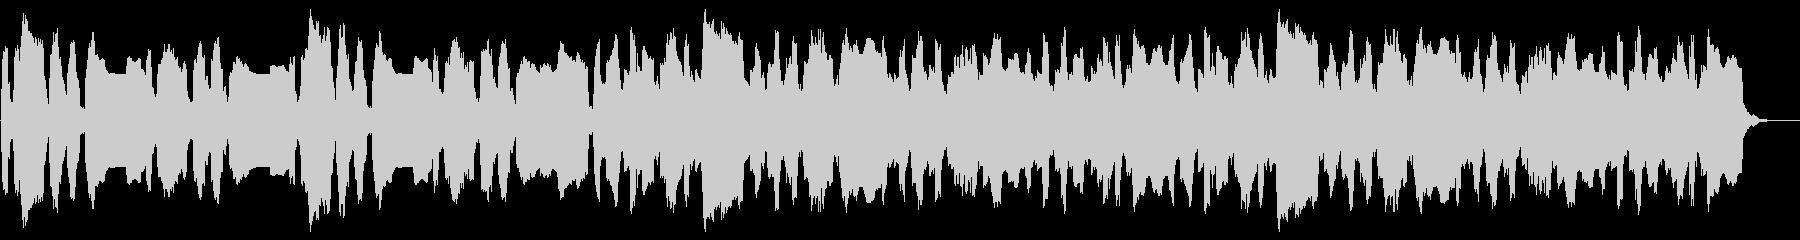 ほのぼの コミカルなBGM のどか 愉快の未再生の波形